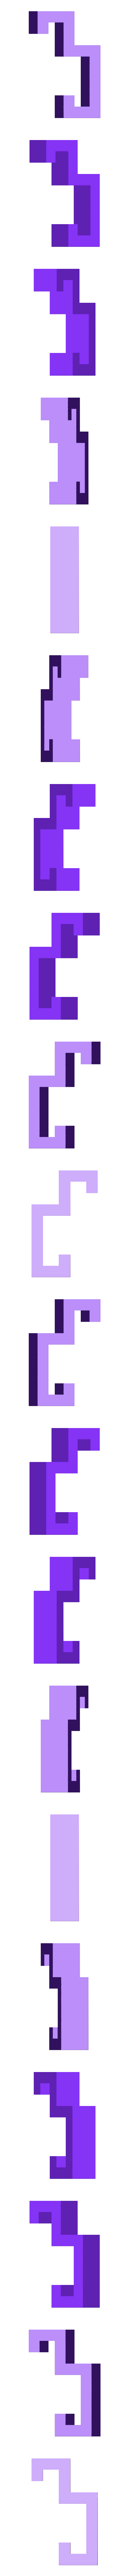 clip prova.stl Download free STL file Clip ferma sacchetto • 3D printing object, Scigola